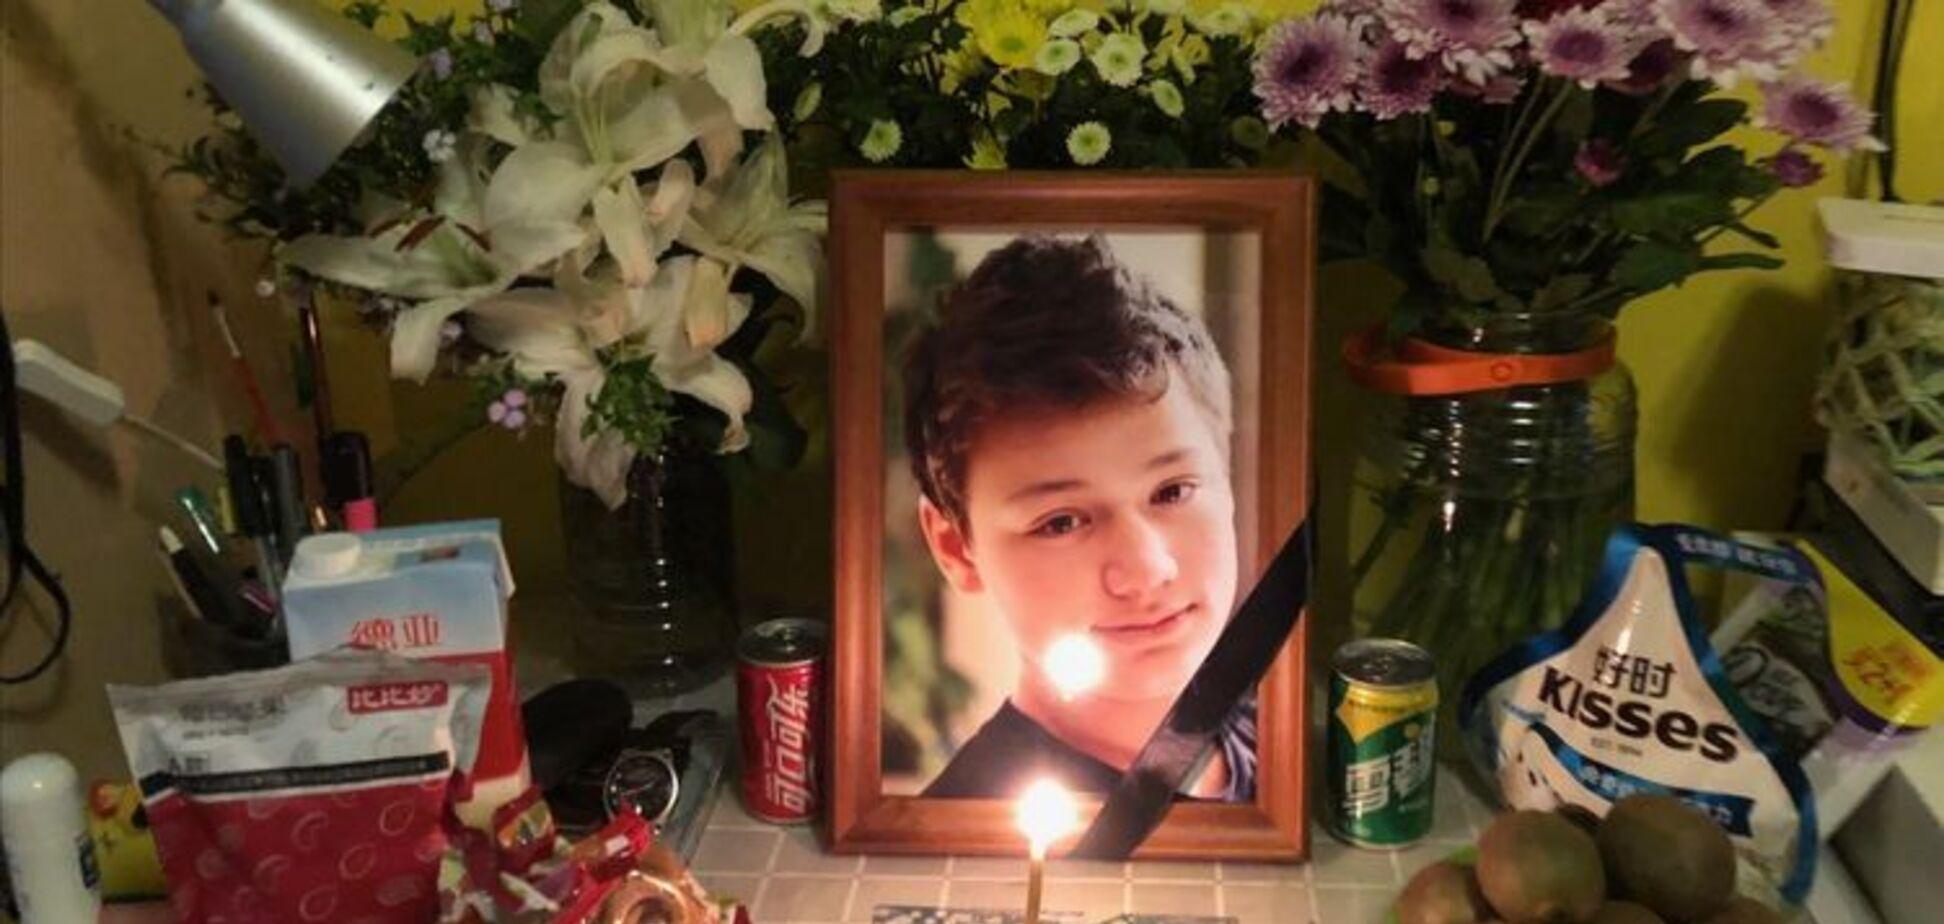 Всплыли детали суицида 13-летнего украинцав Шанхае